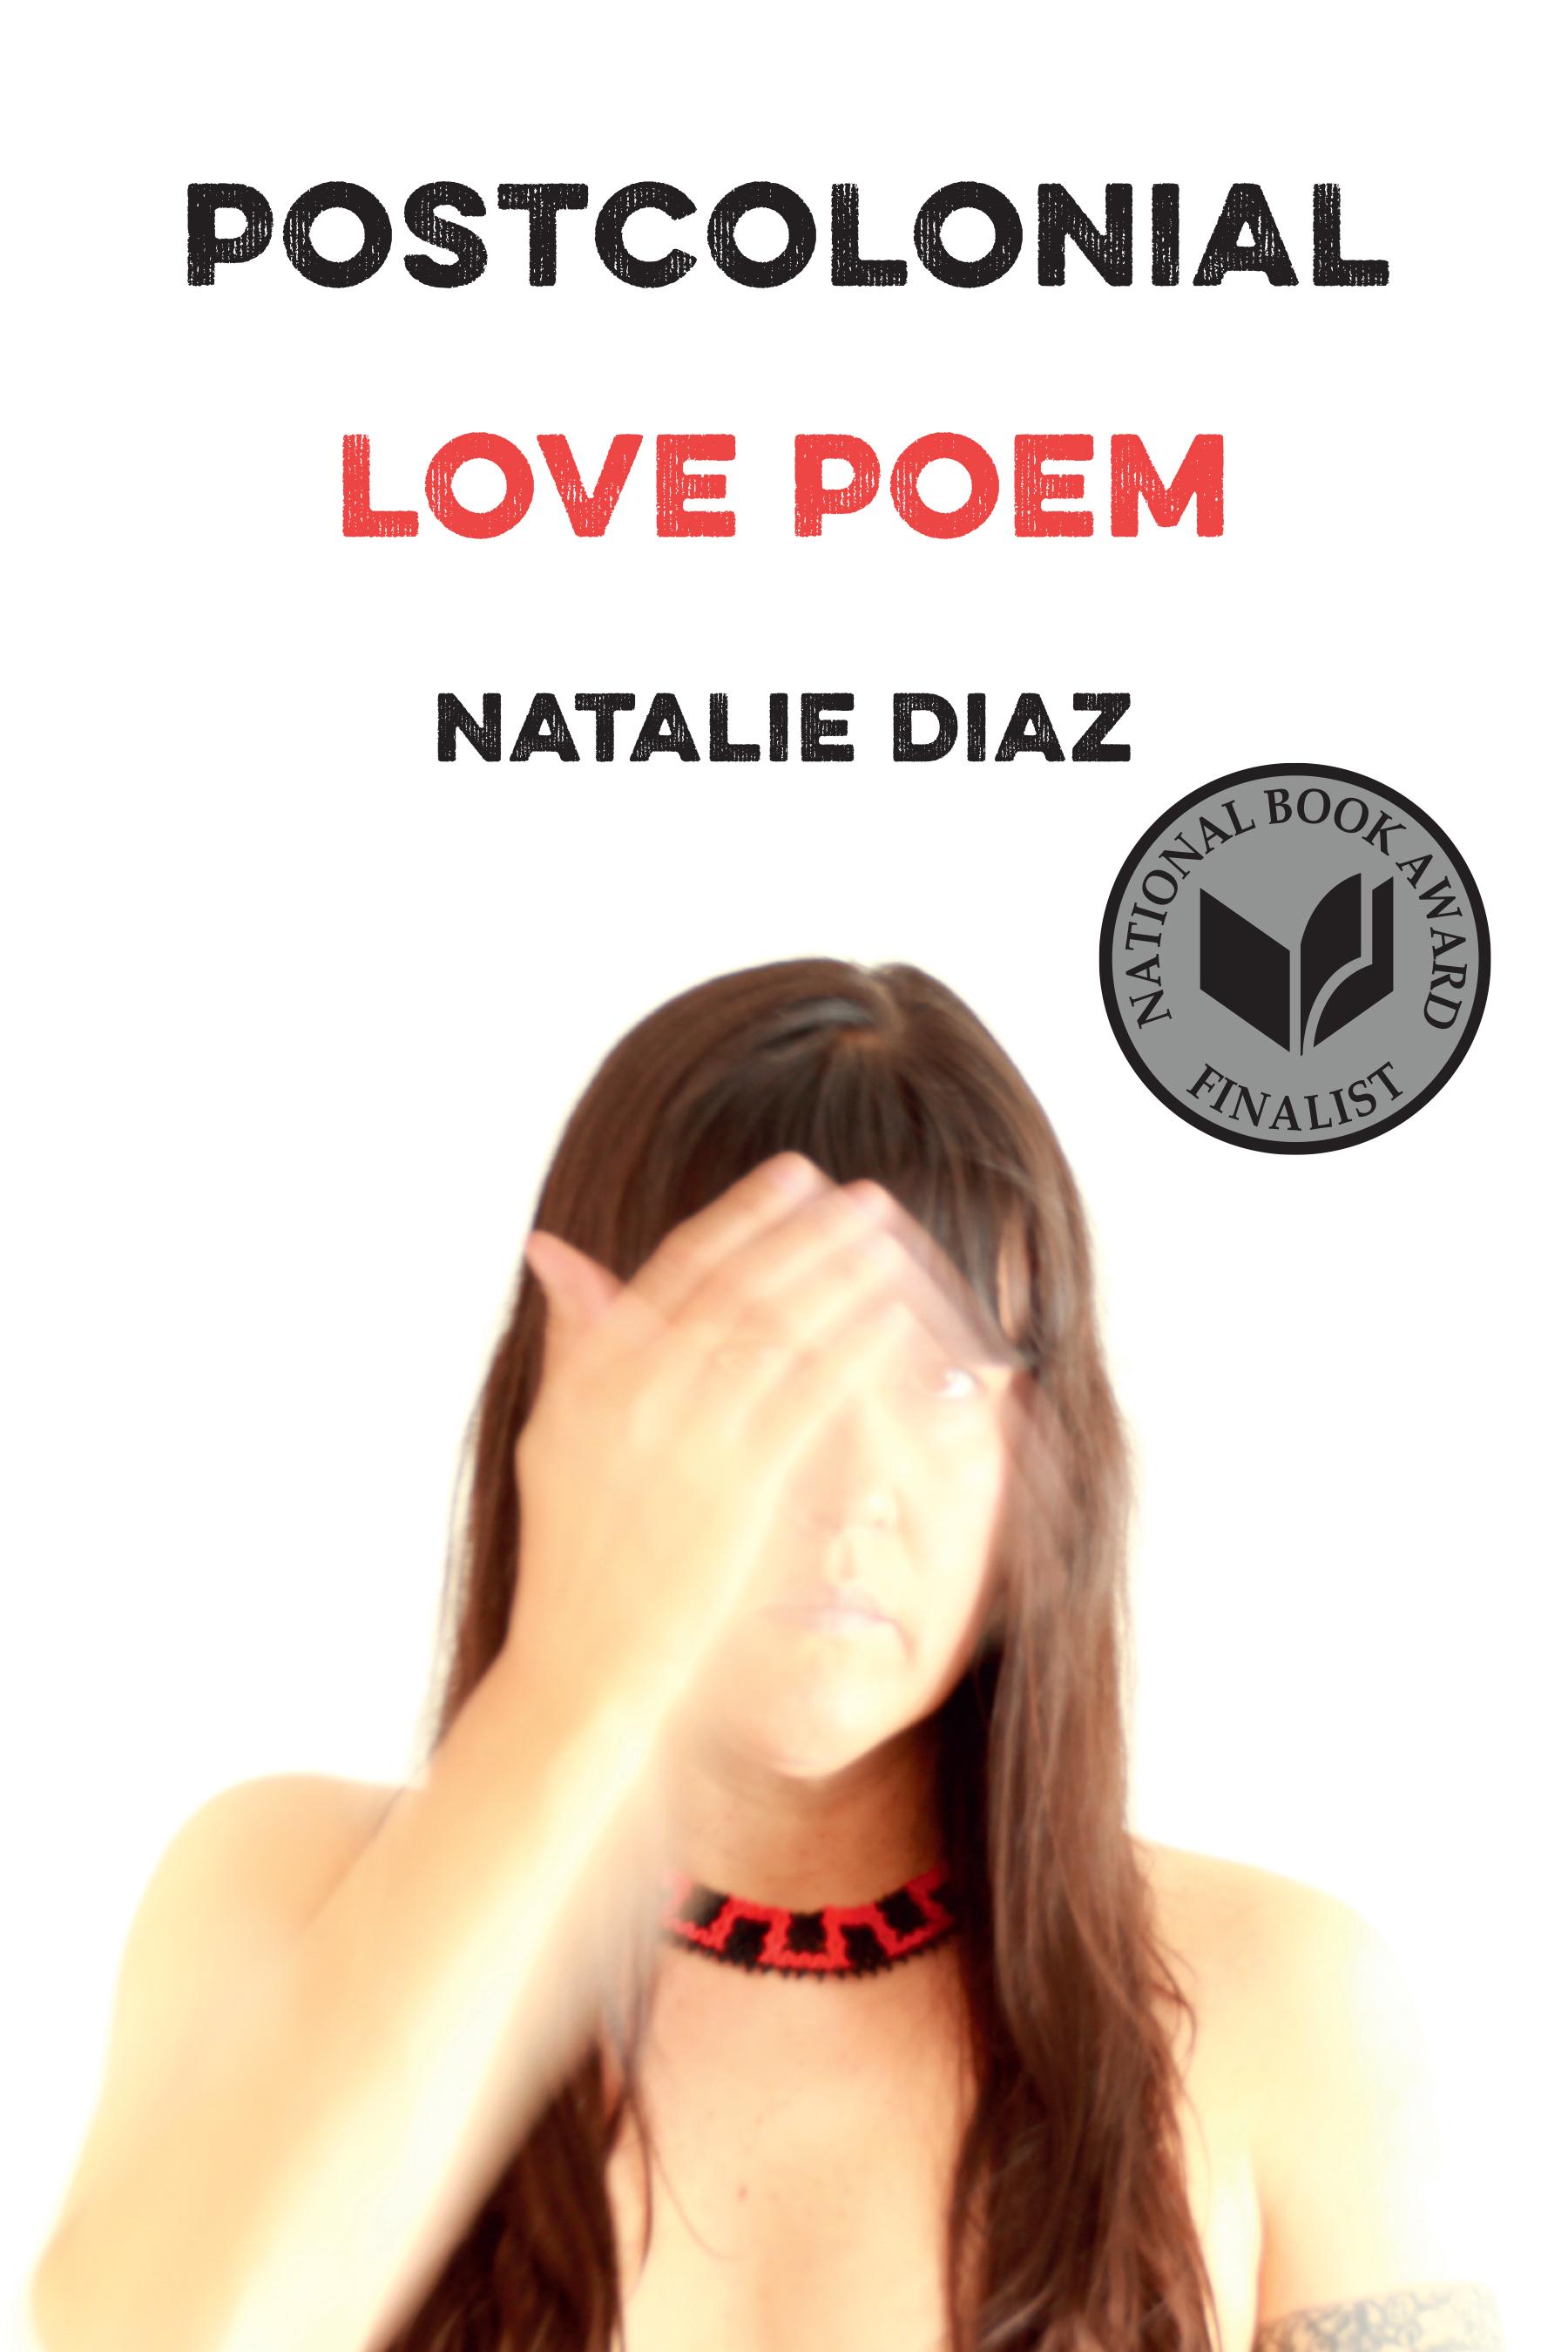 Postcolonial Love Poem by Natalie Dia